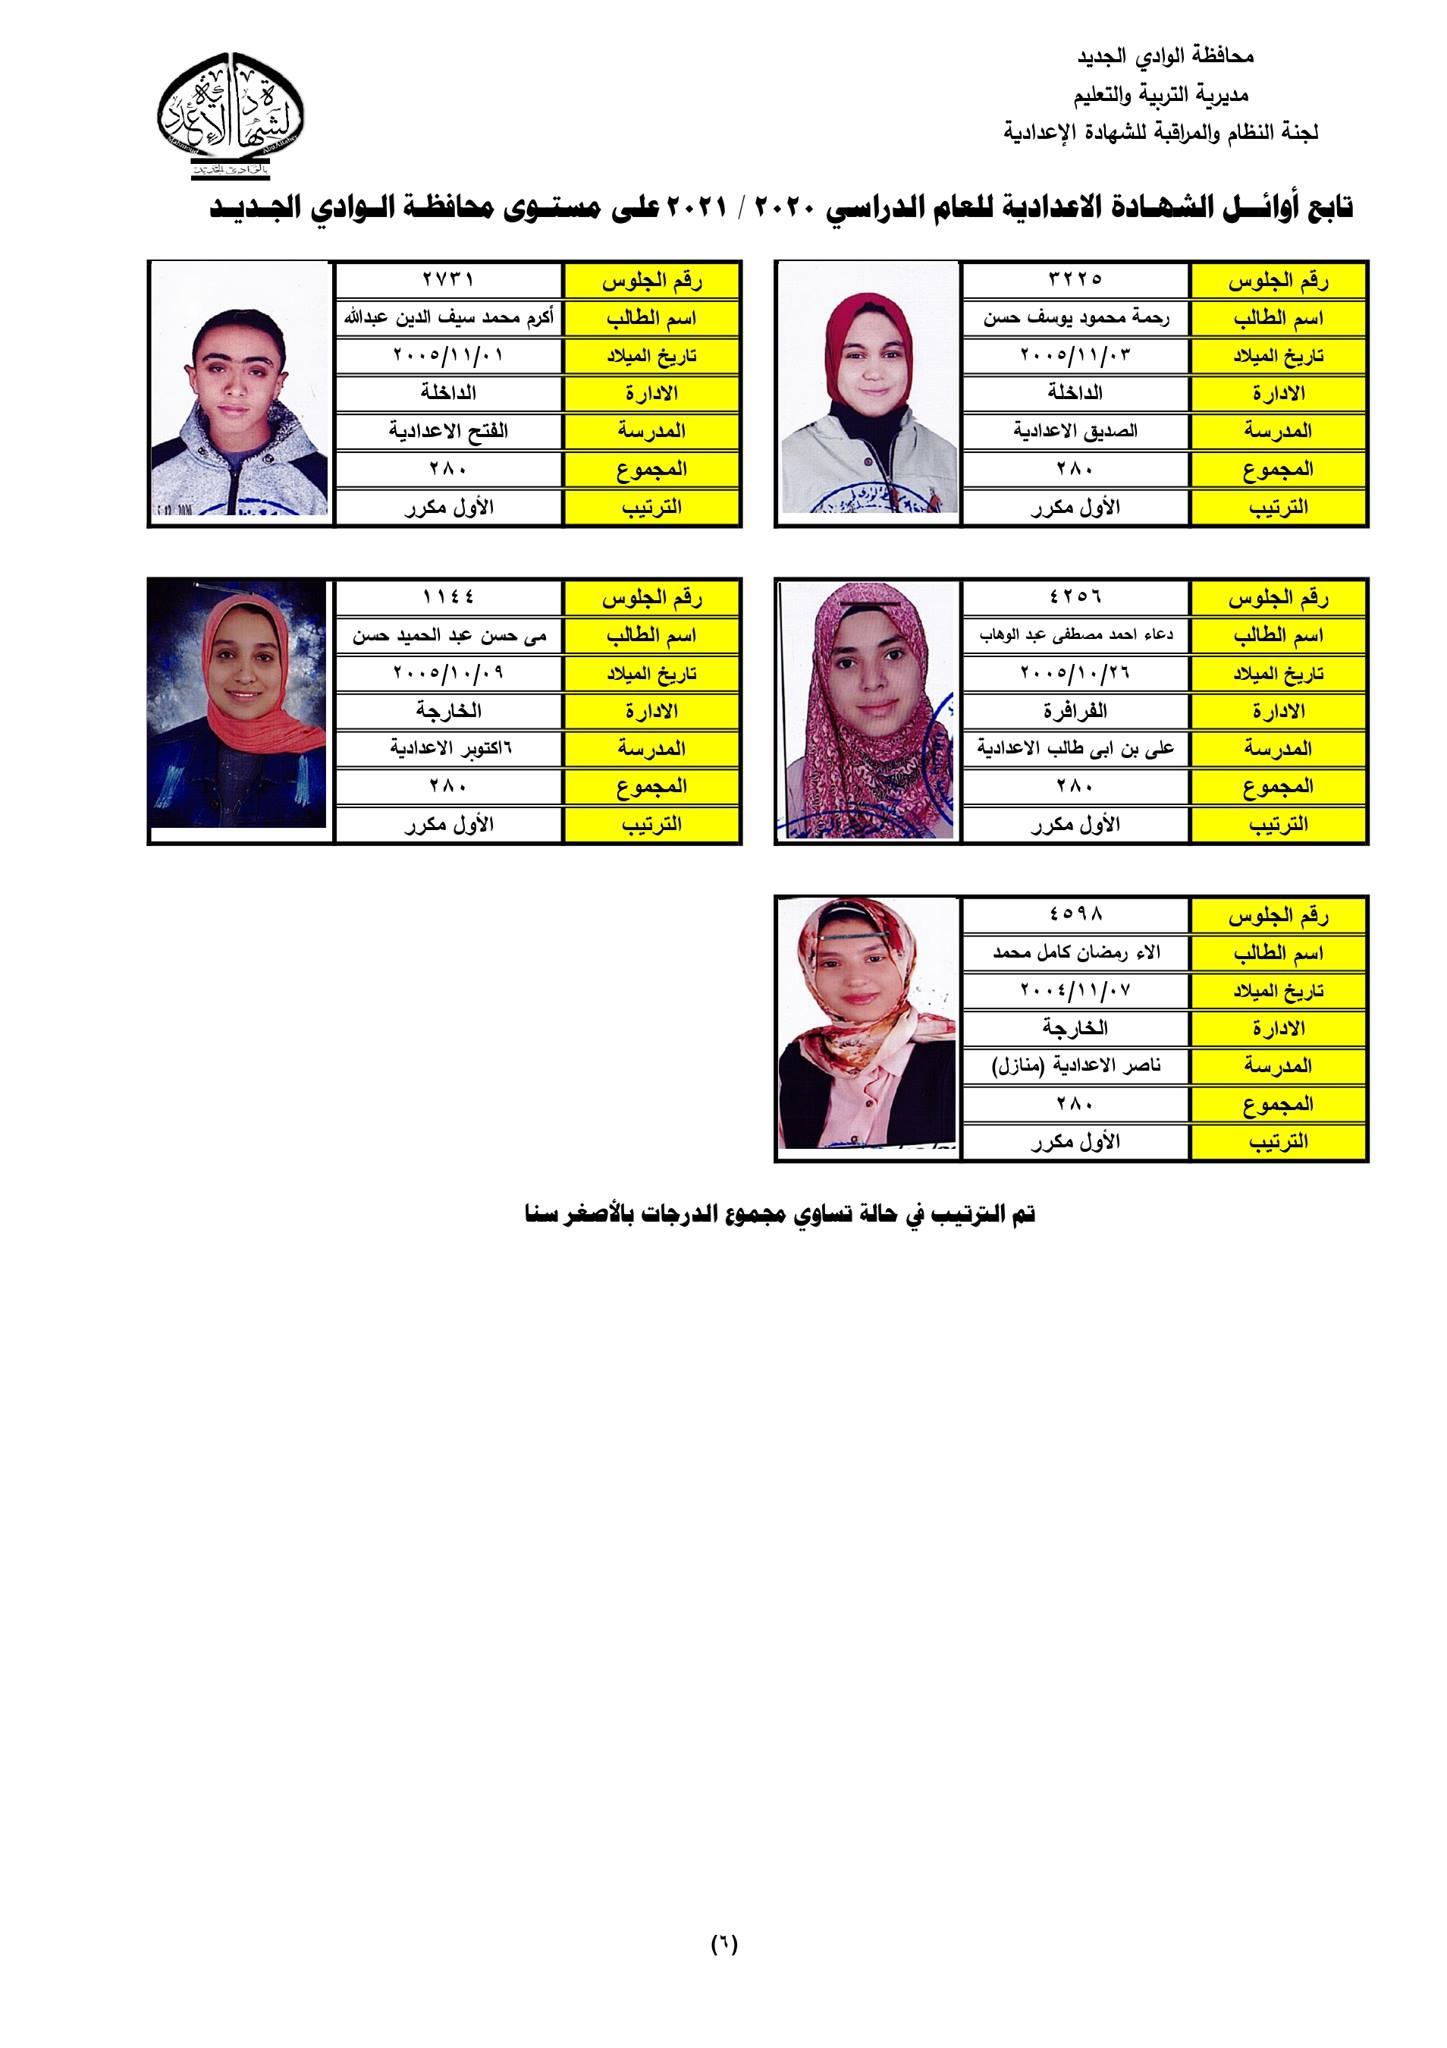 نتيجة الشهادة الإعدادية 2021 محافظة الوادي الجديد  10